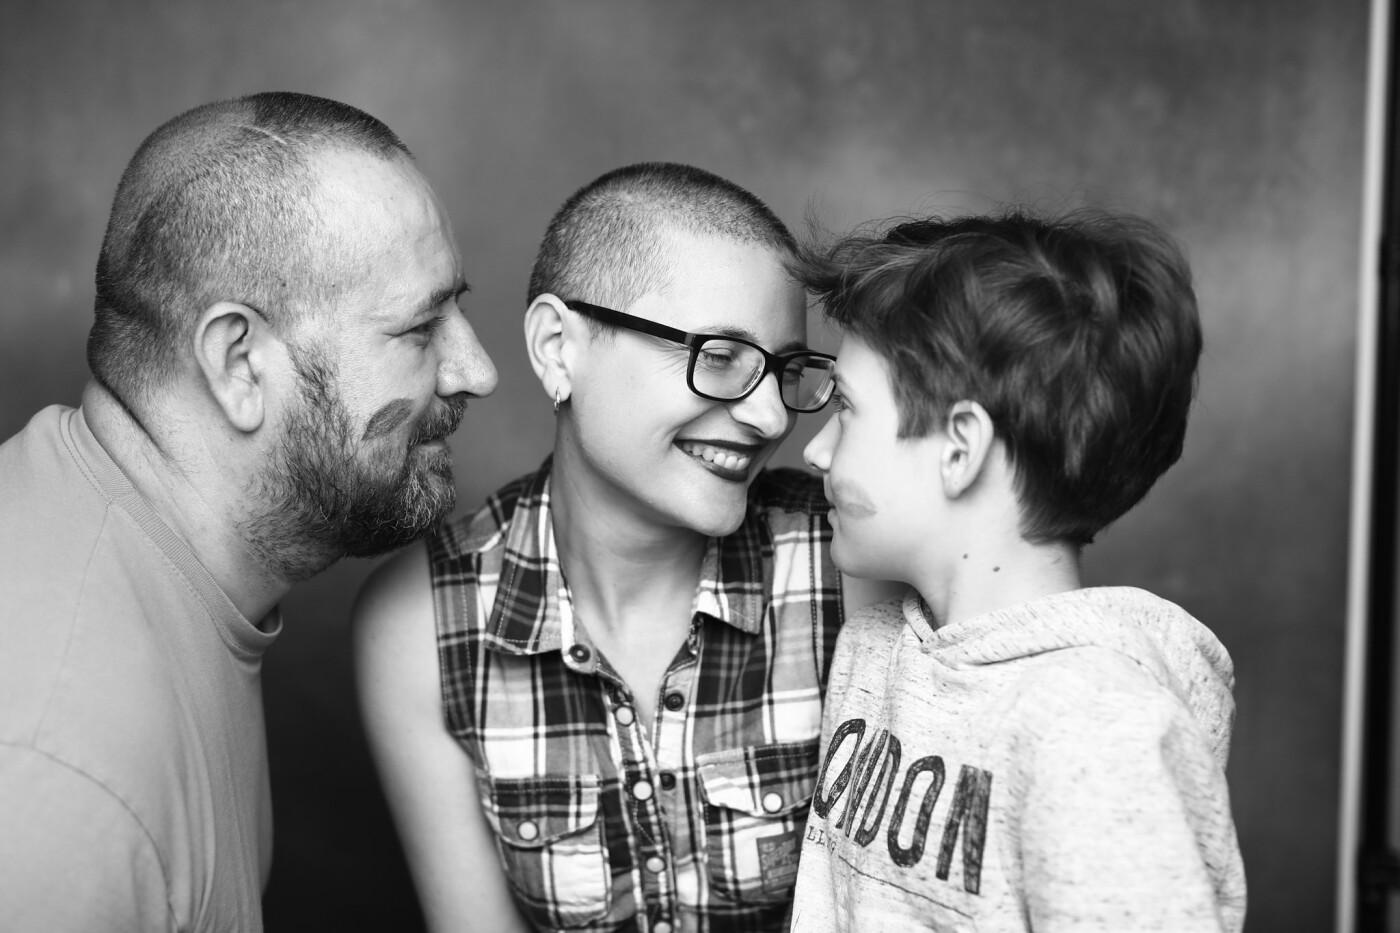 Закарпатка повністю зістригла волосся, щоб передати його на перуки онкохворим дітям, фото-2